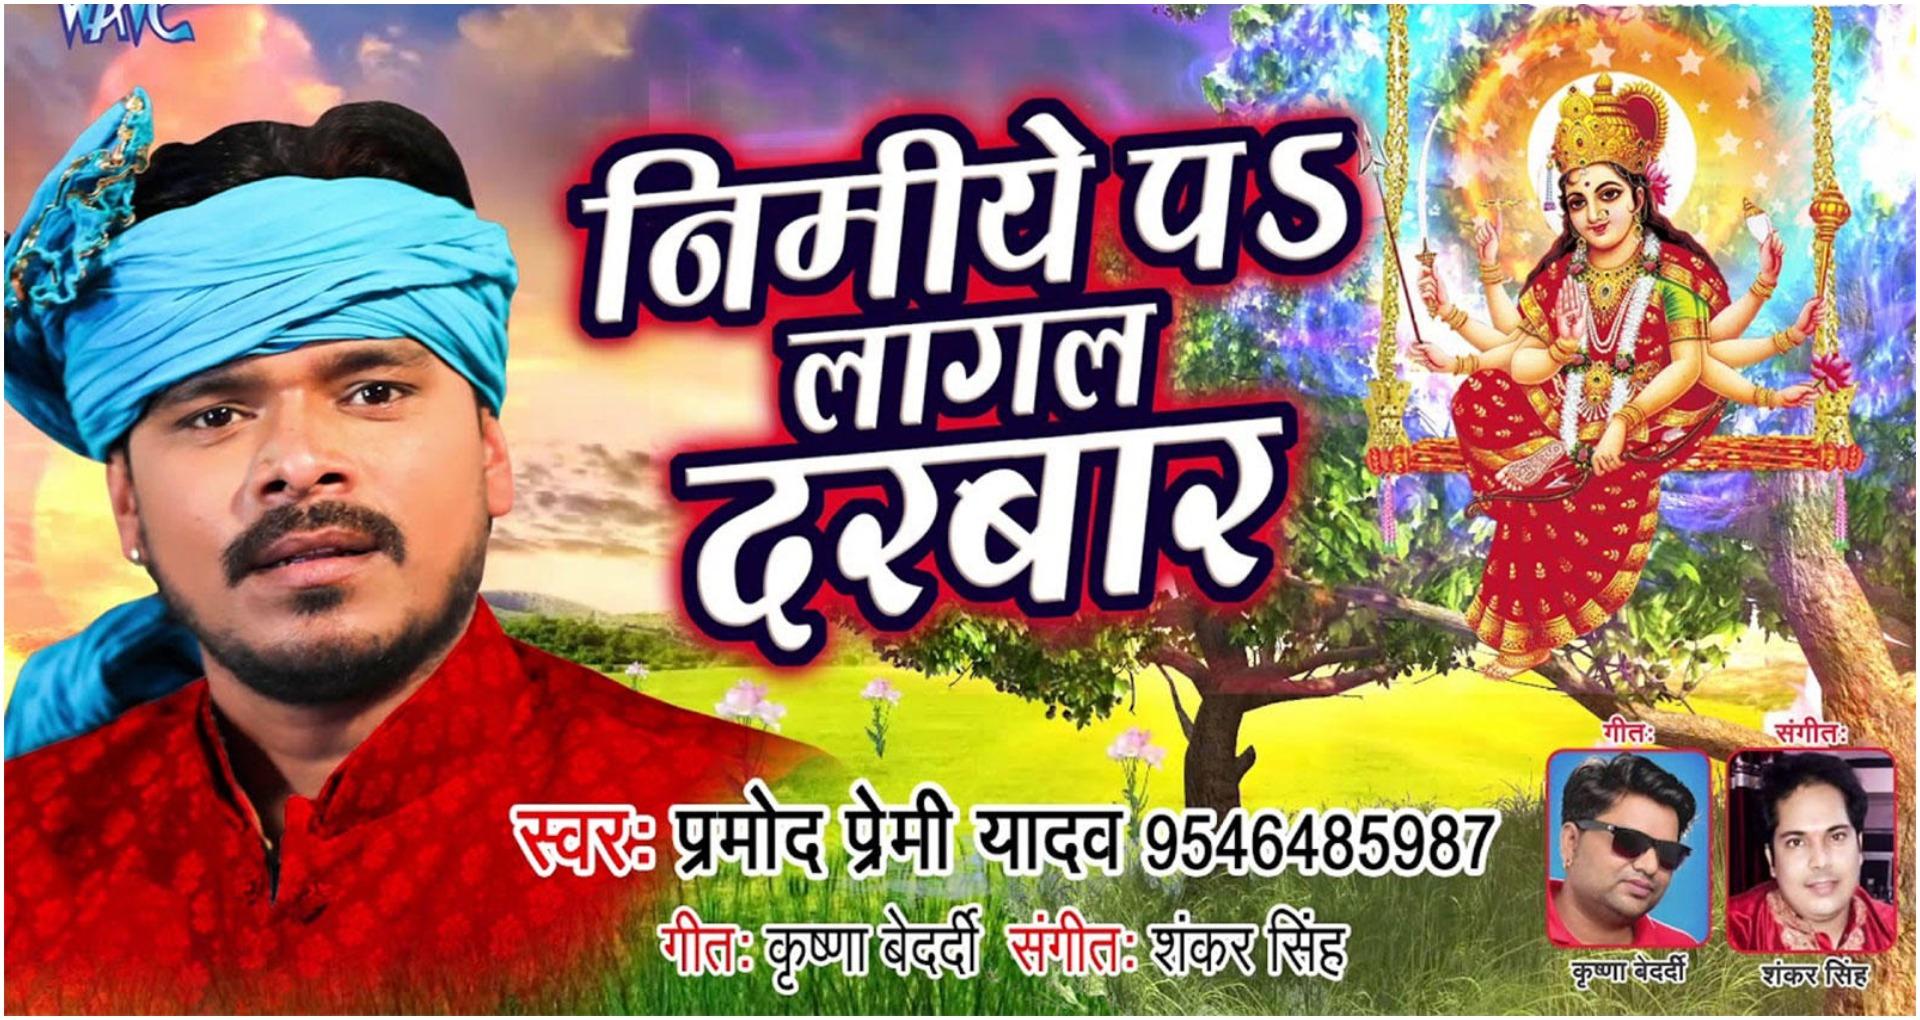 Nimiye Pa Lagal Darbar Song: प्रमोद प्रेमी का देवी गीत लॉन्च, बता रहे हैं मां के निवास नीम के पेड़ की खासियत